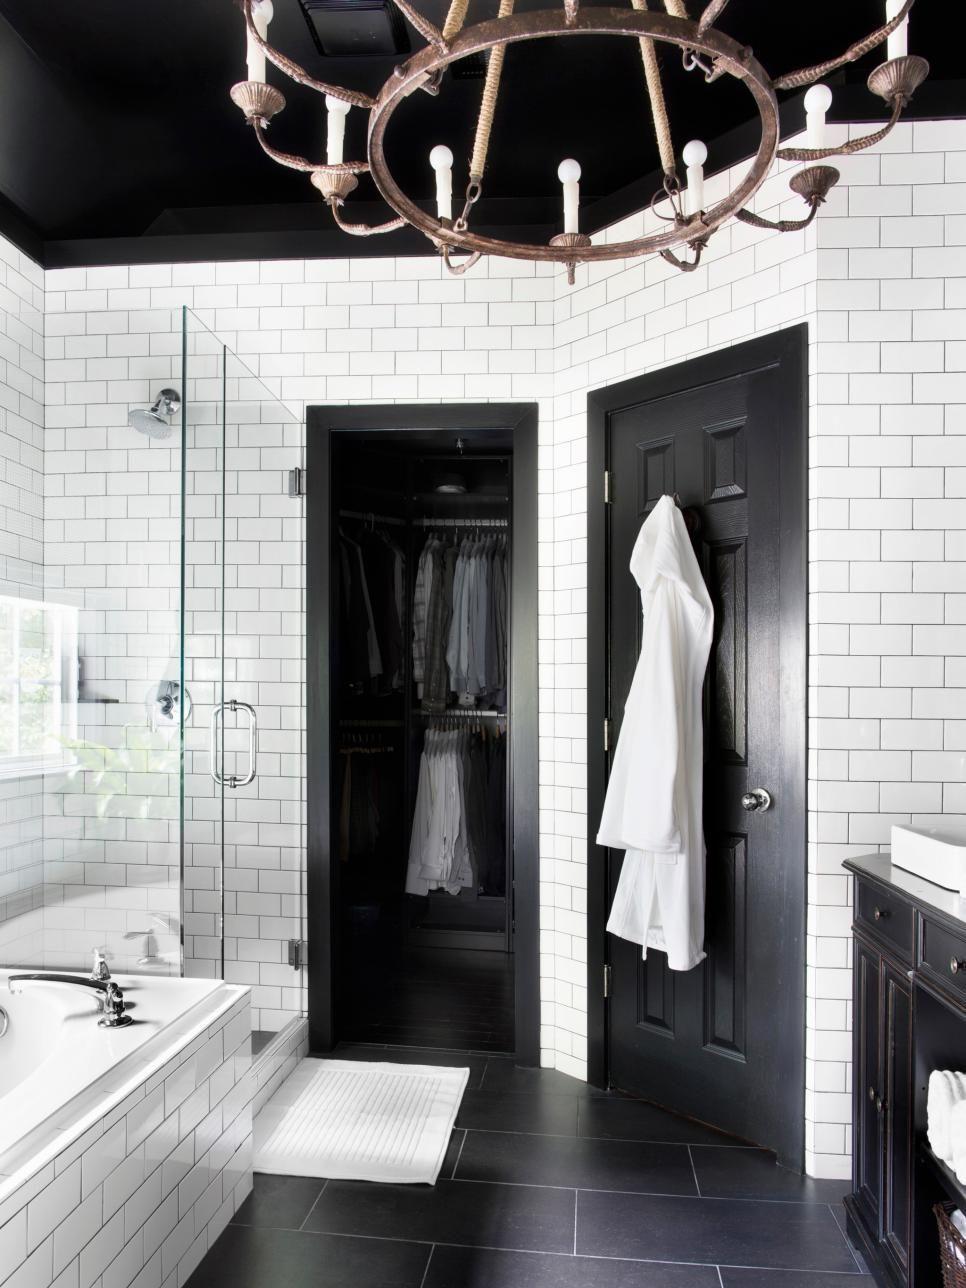 Zeitlose Neugestaltung Des Hauptbadezimmers In Schwarz Und Weiss In 2020 Badezimmer Schwarz Kleines Bad Renovierungen Badezimmer Mit Weissen Fliesen